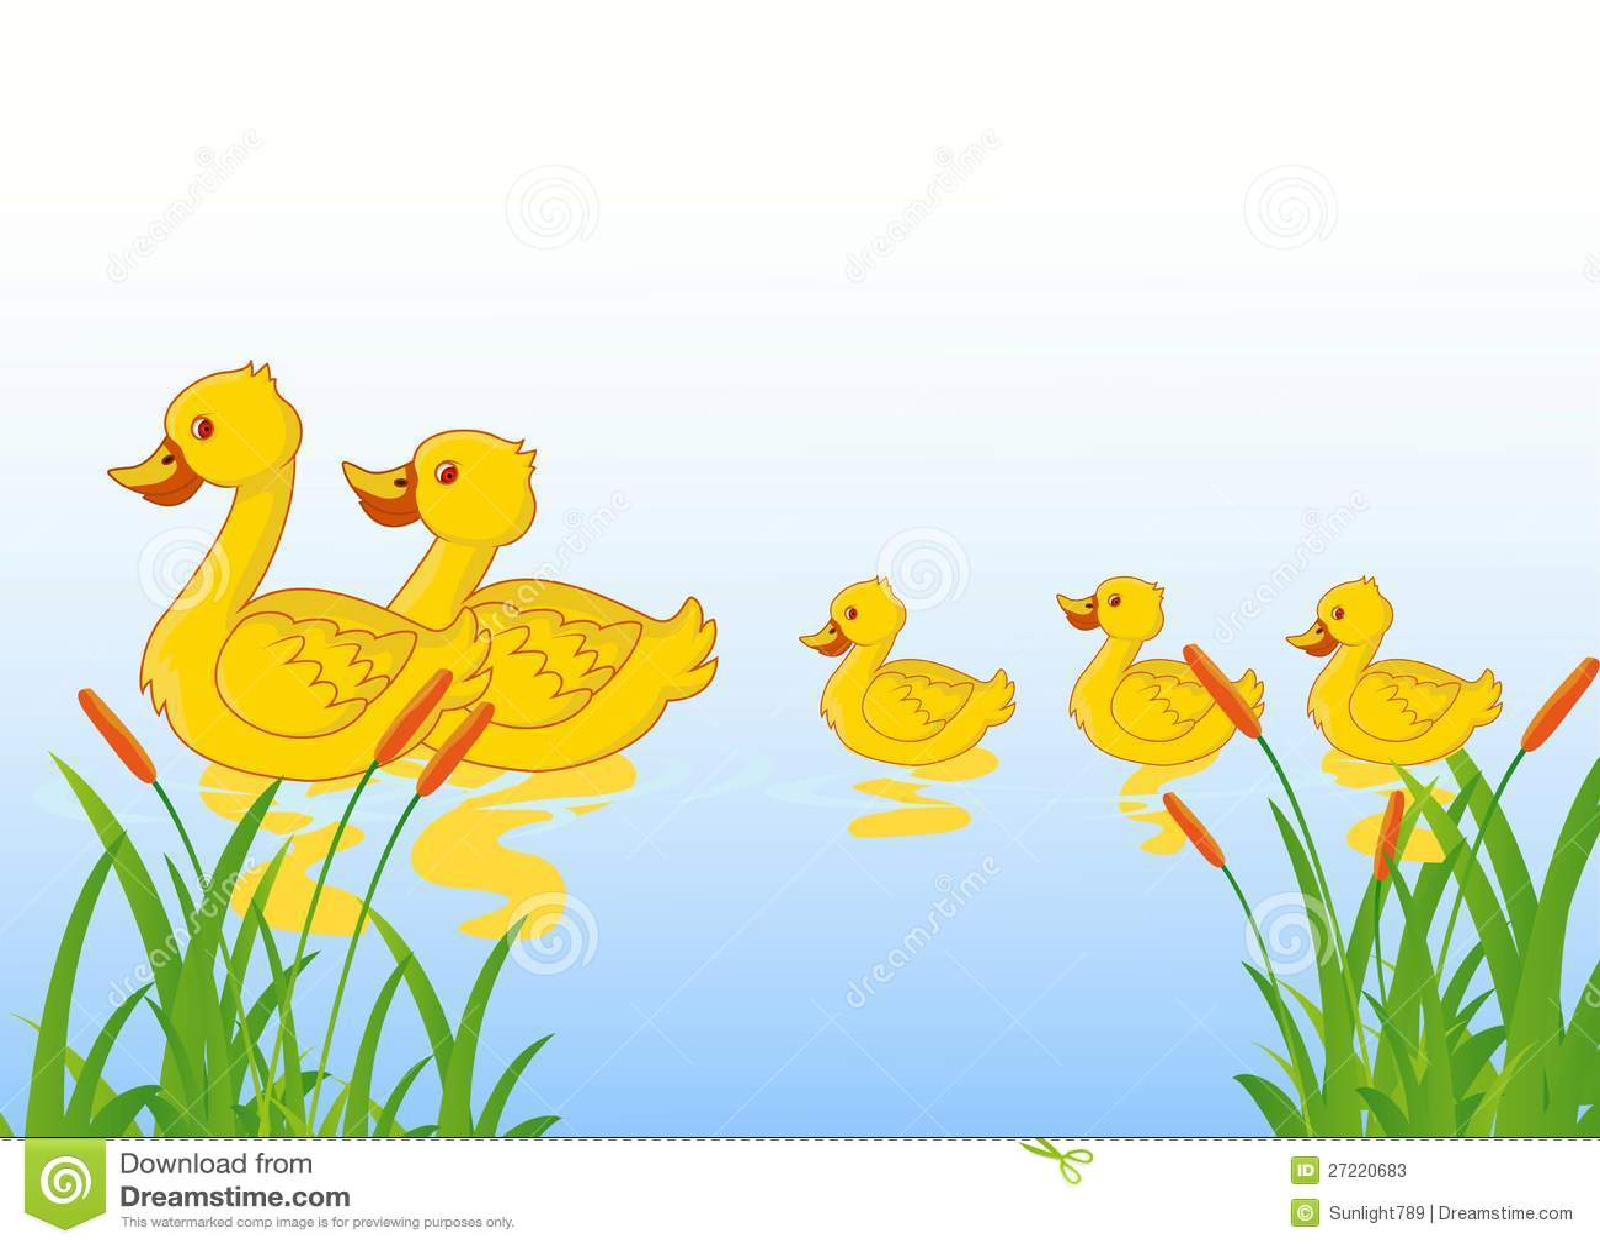 funny cartoon duck family stock photos image 27220683